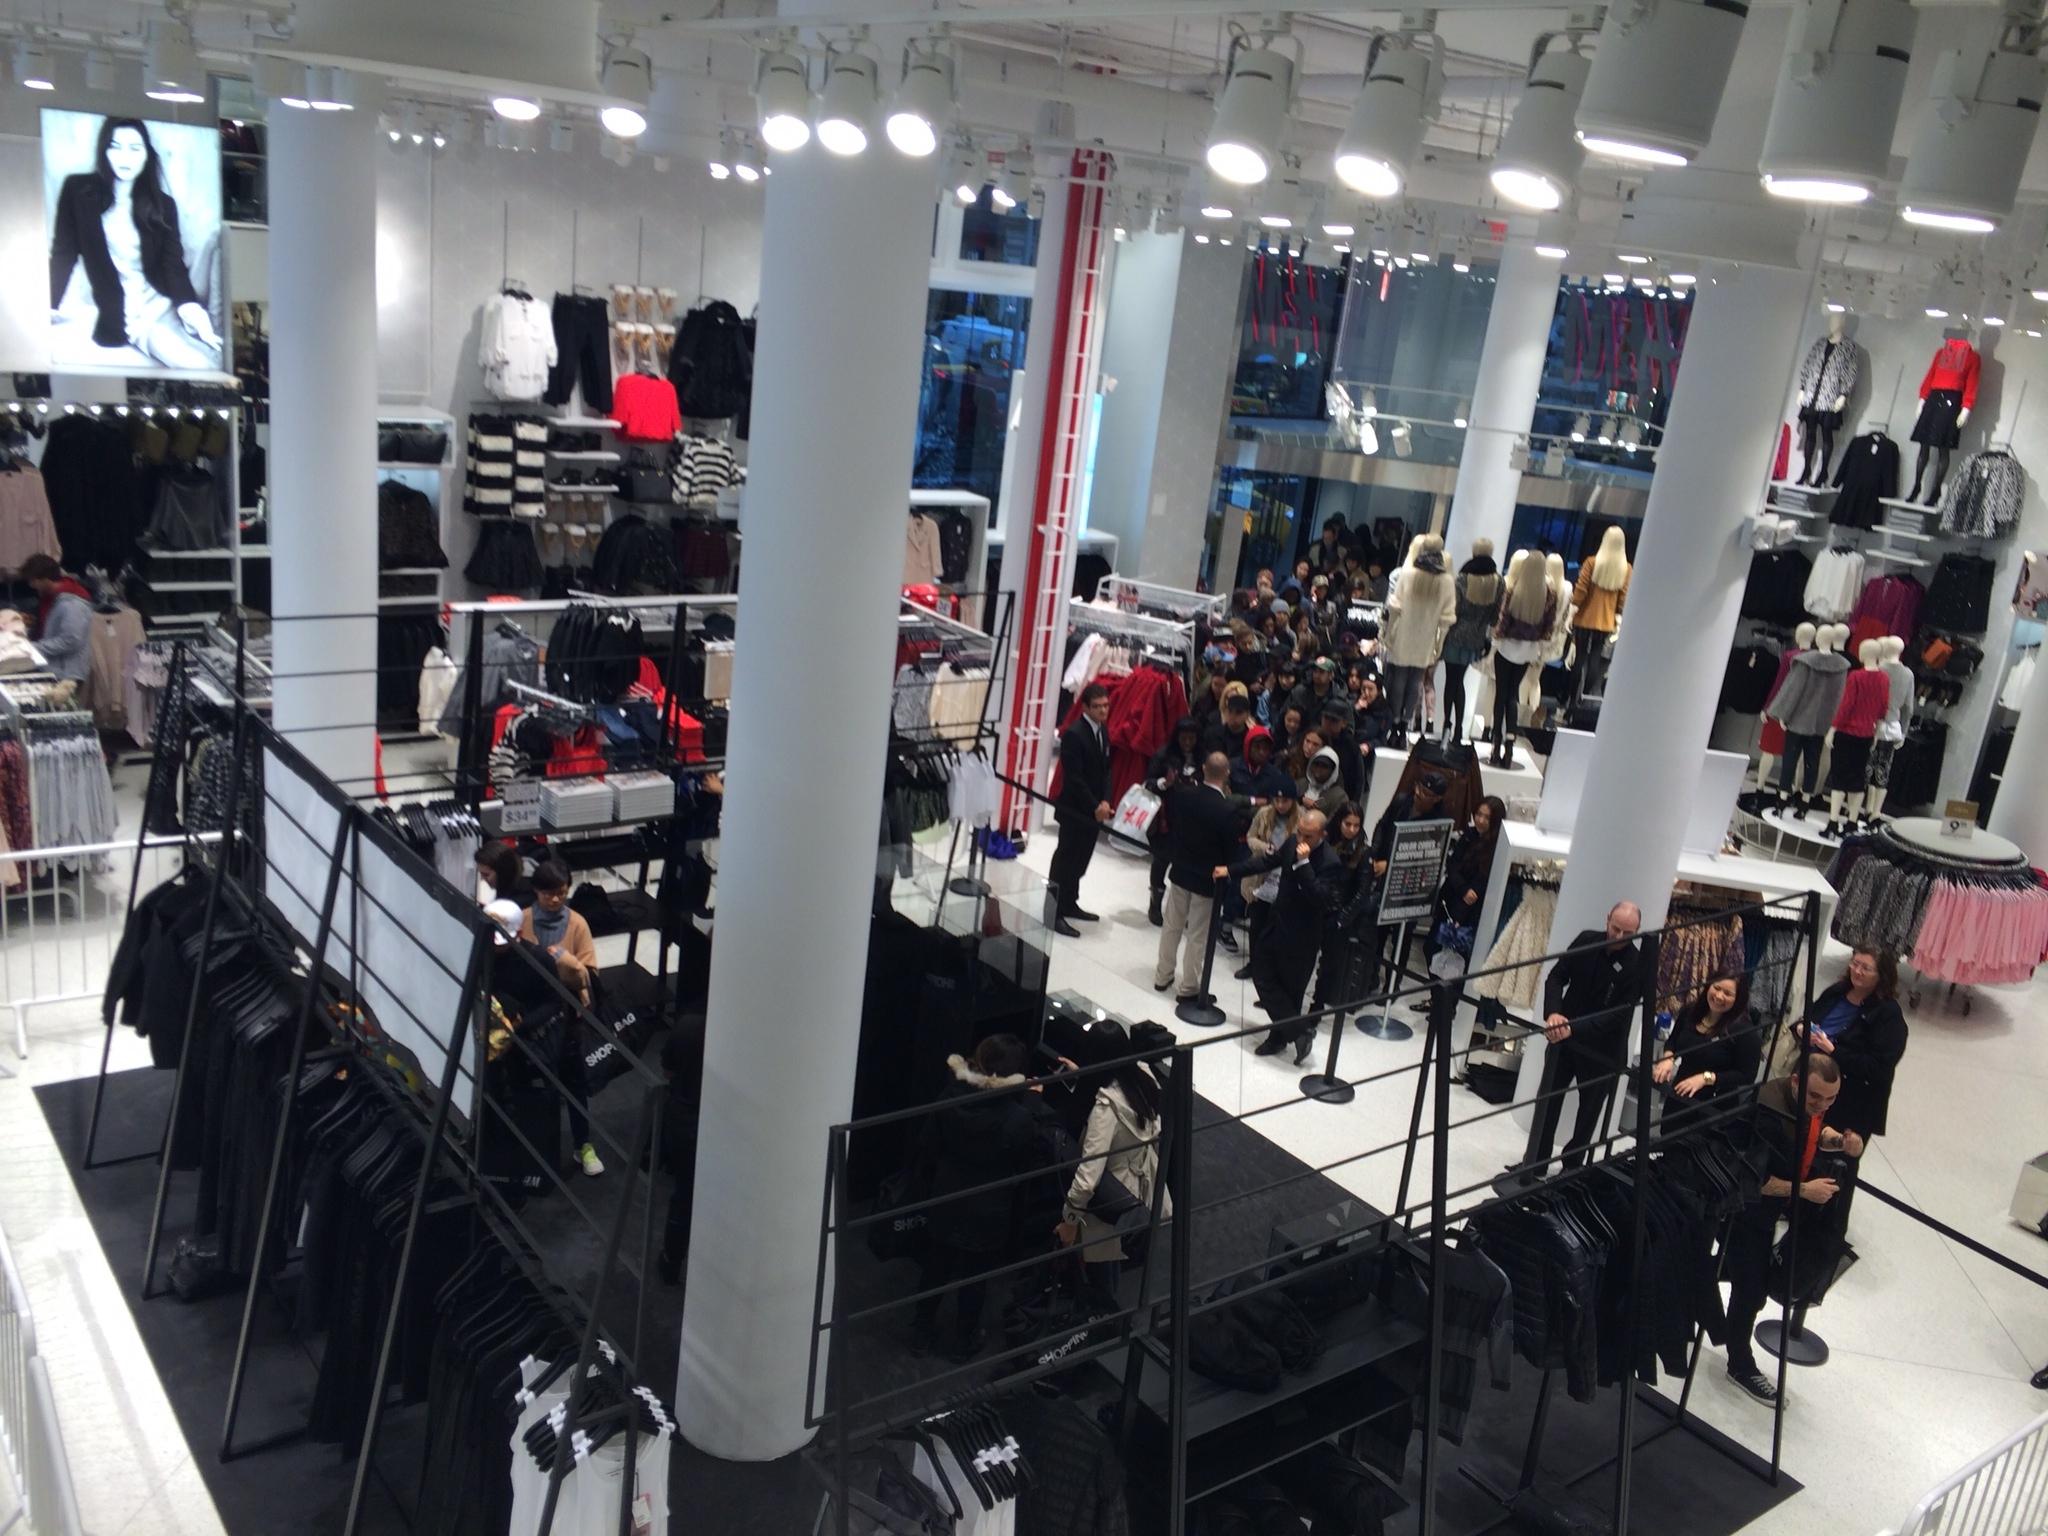 H&m Portland | H&m Soho | H&m Nj